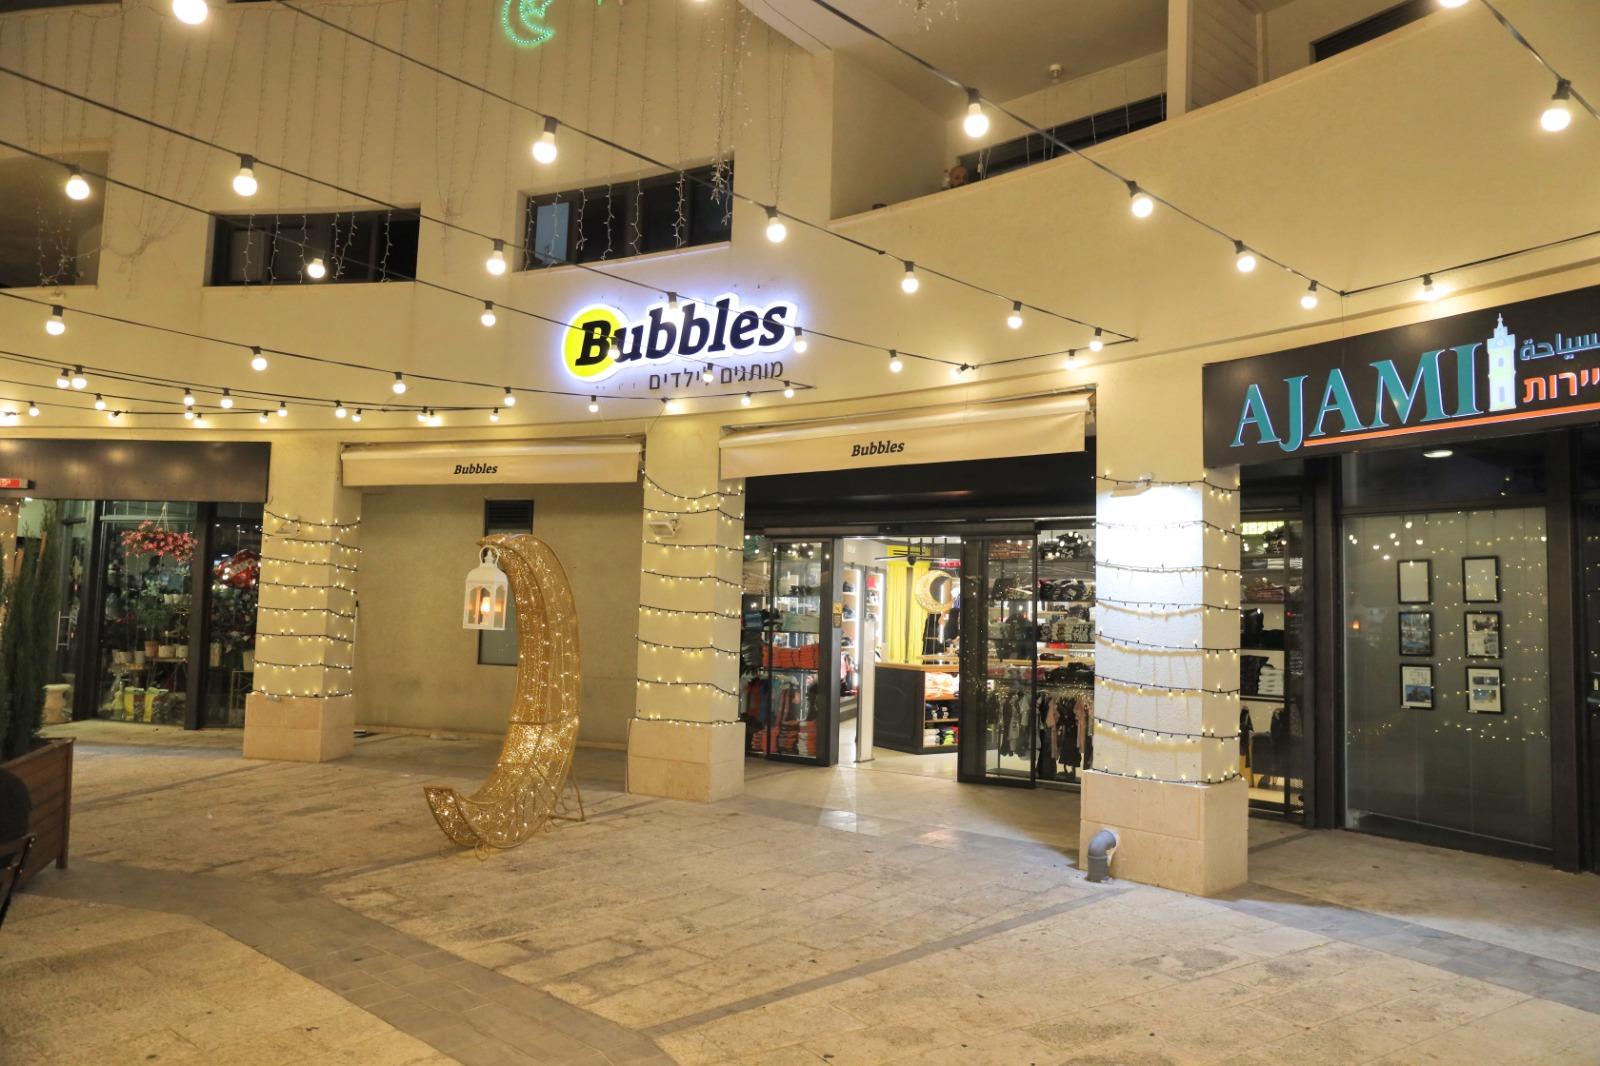 عيدكم مبارك - افتتاح فرع جديد لشركة Bubbles لملابس الأطفال بيافا